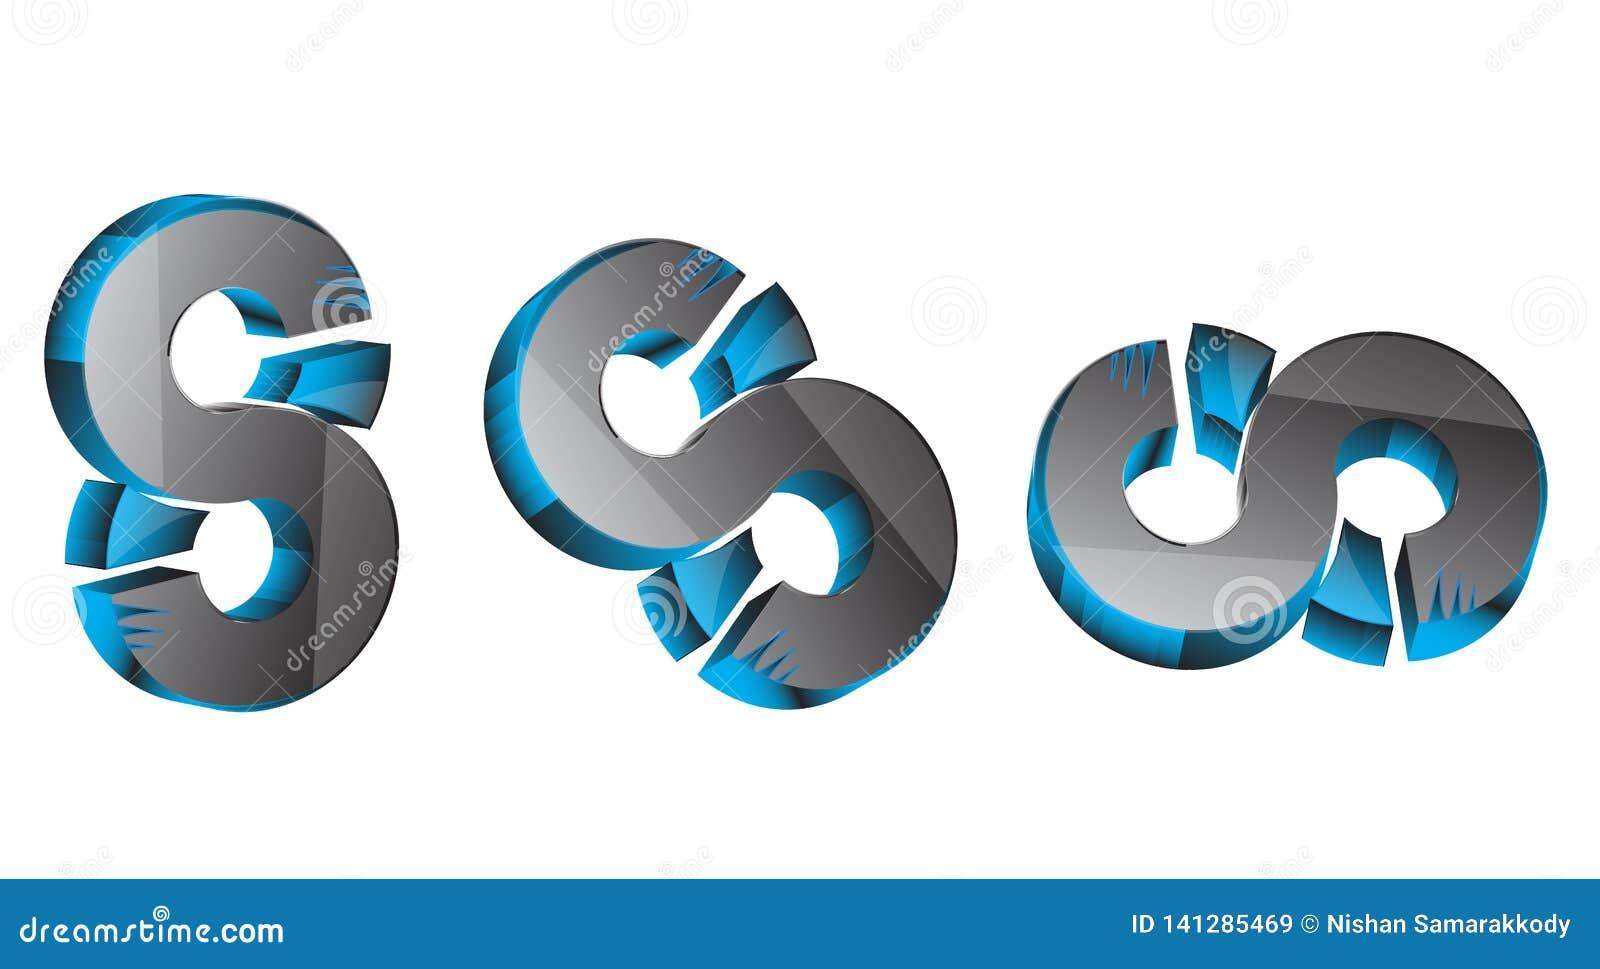 3d 3d 8 3D S Número 8 color azul y gris 8 de 3D negro, azul y gris sss el mejor 3D